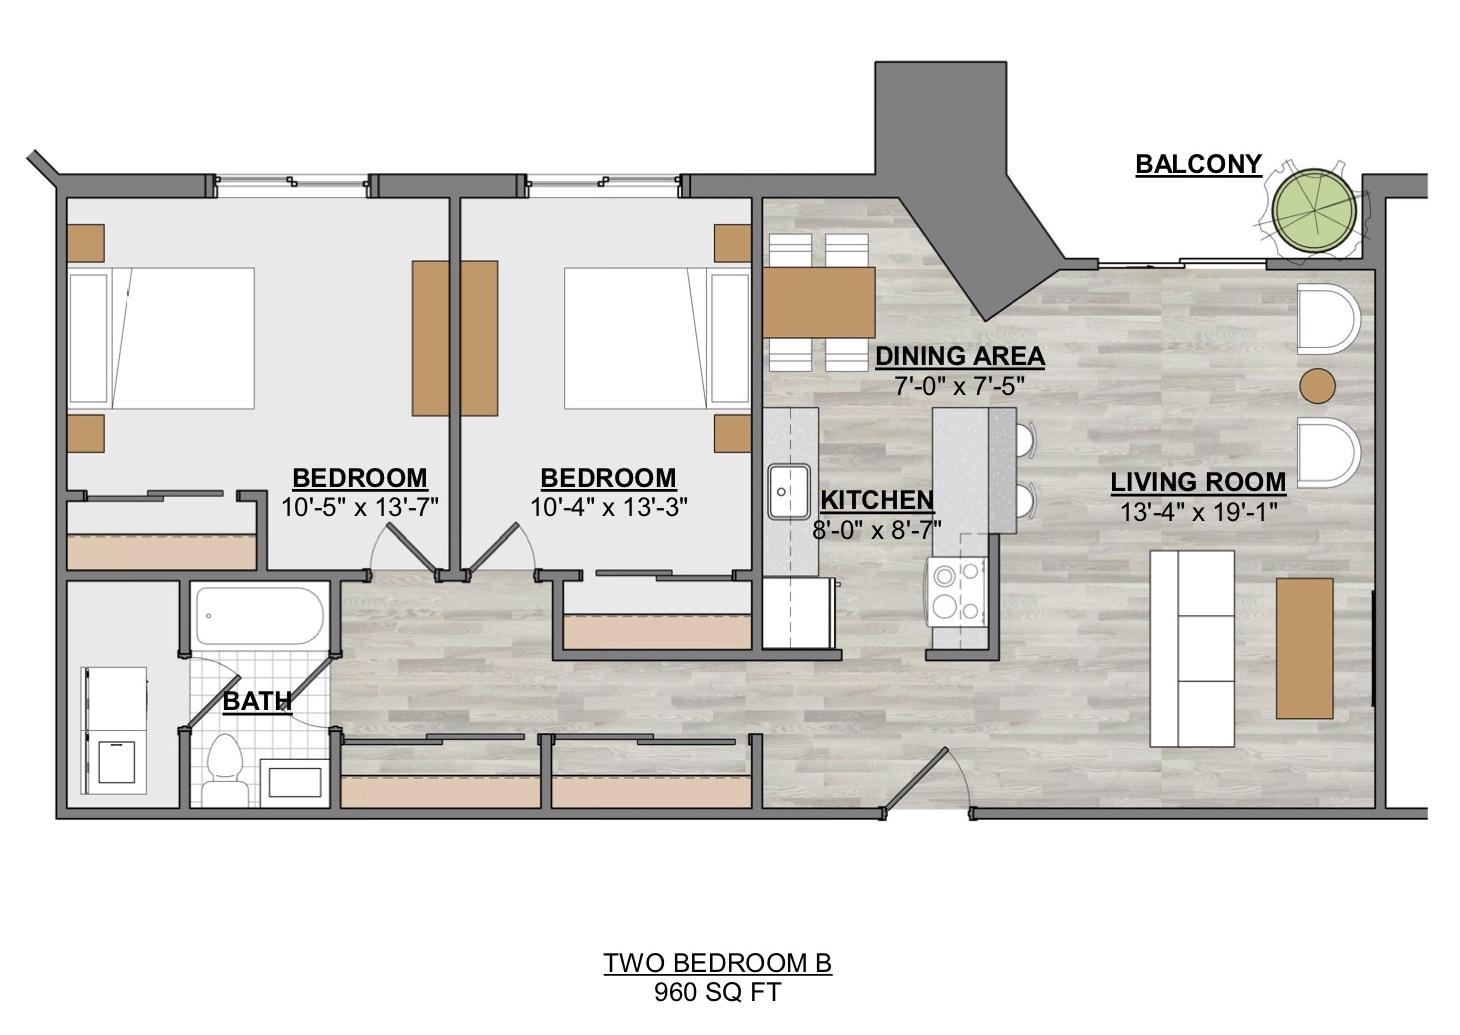 Algon Flats Two Bedroom B